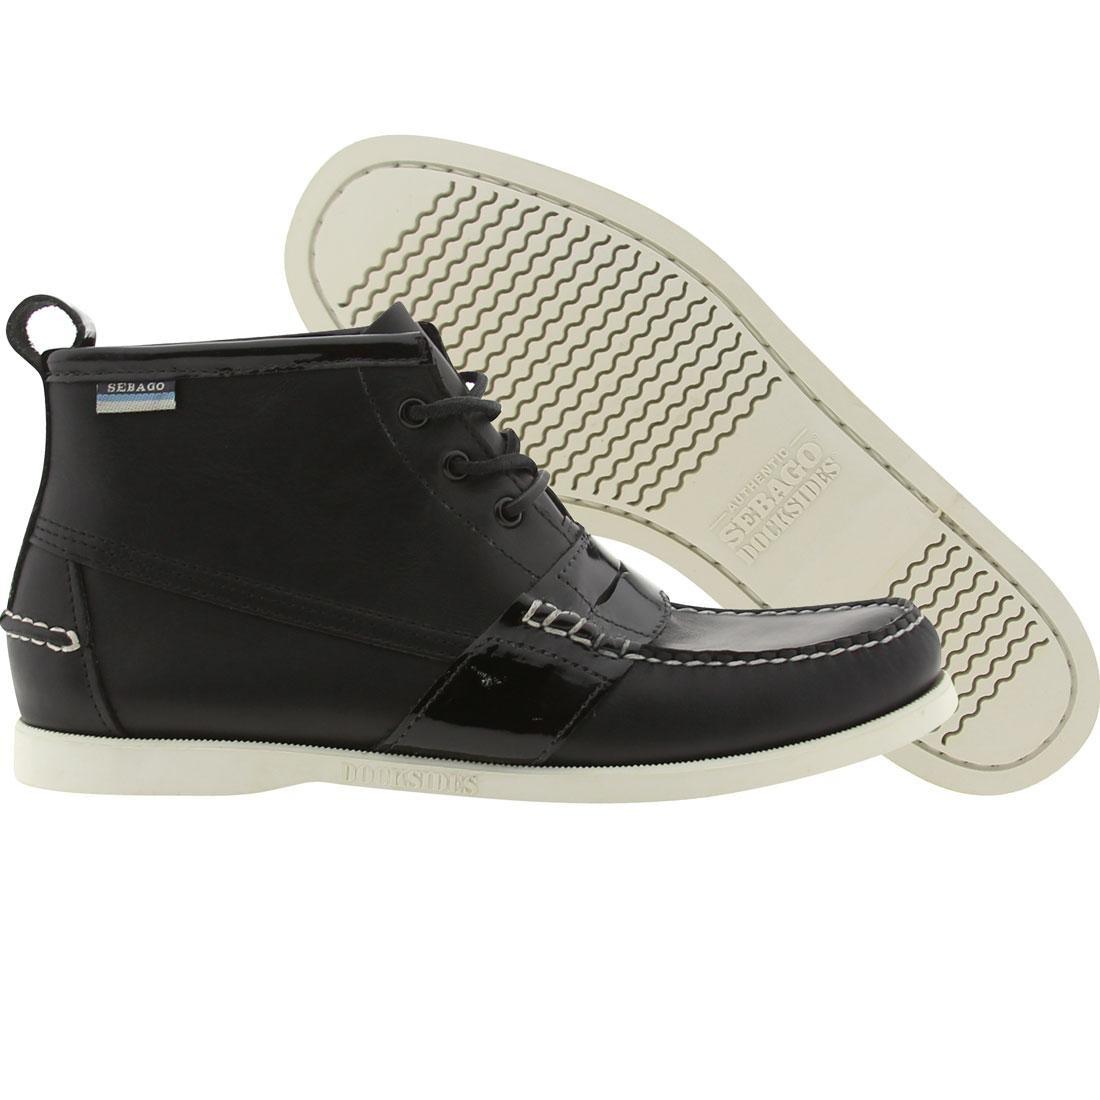 【海外限定】ペニー チャッカ スニーカー 靴 【 SEBAGO PENNY CHUKKA VANE BLACK WHITE 】